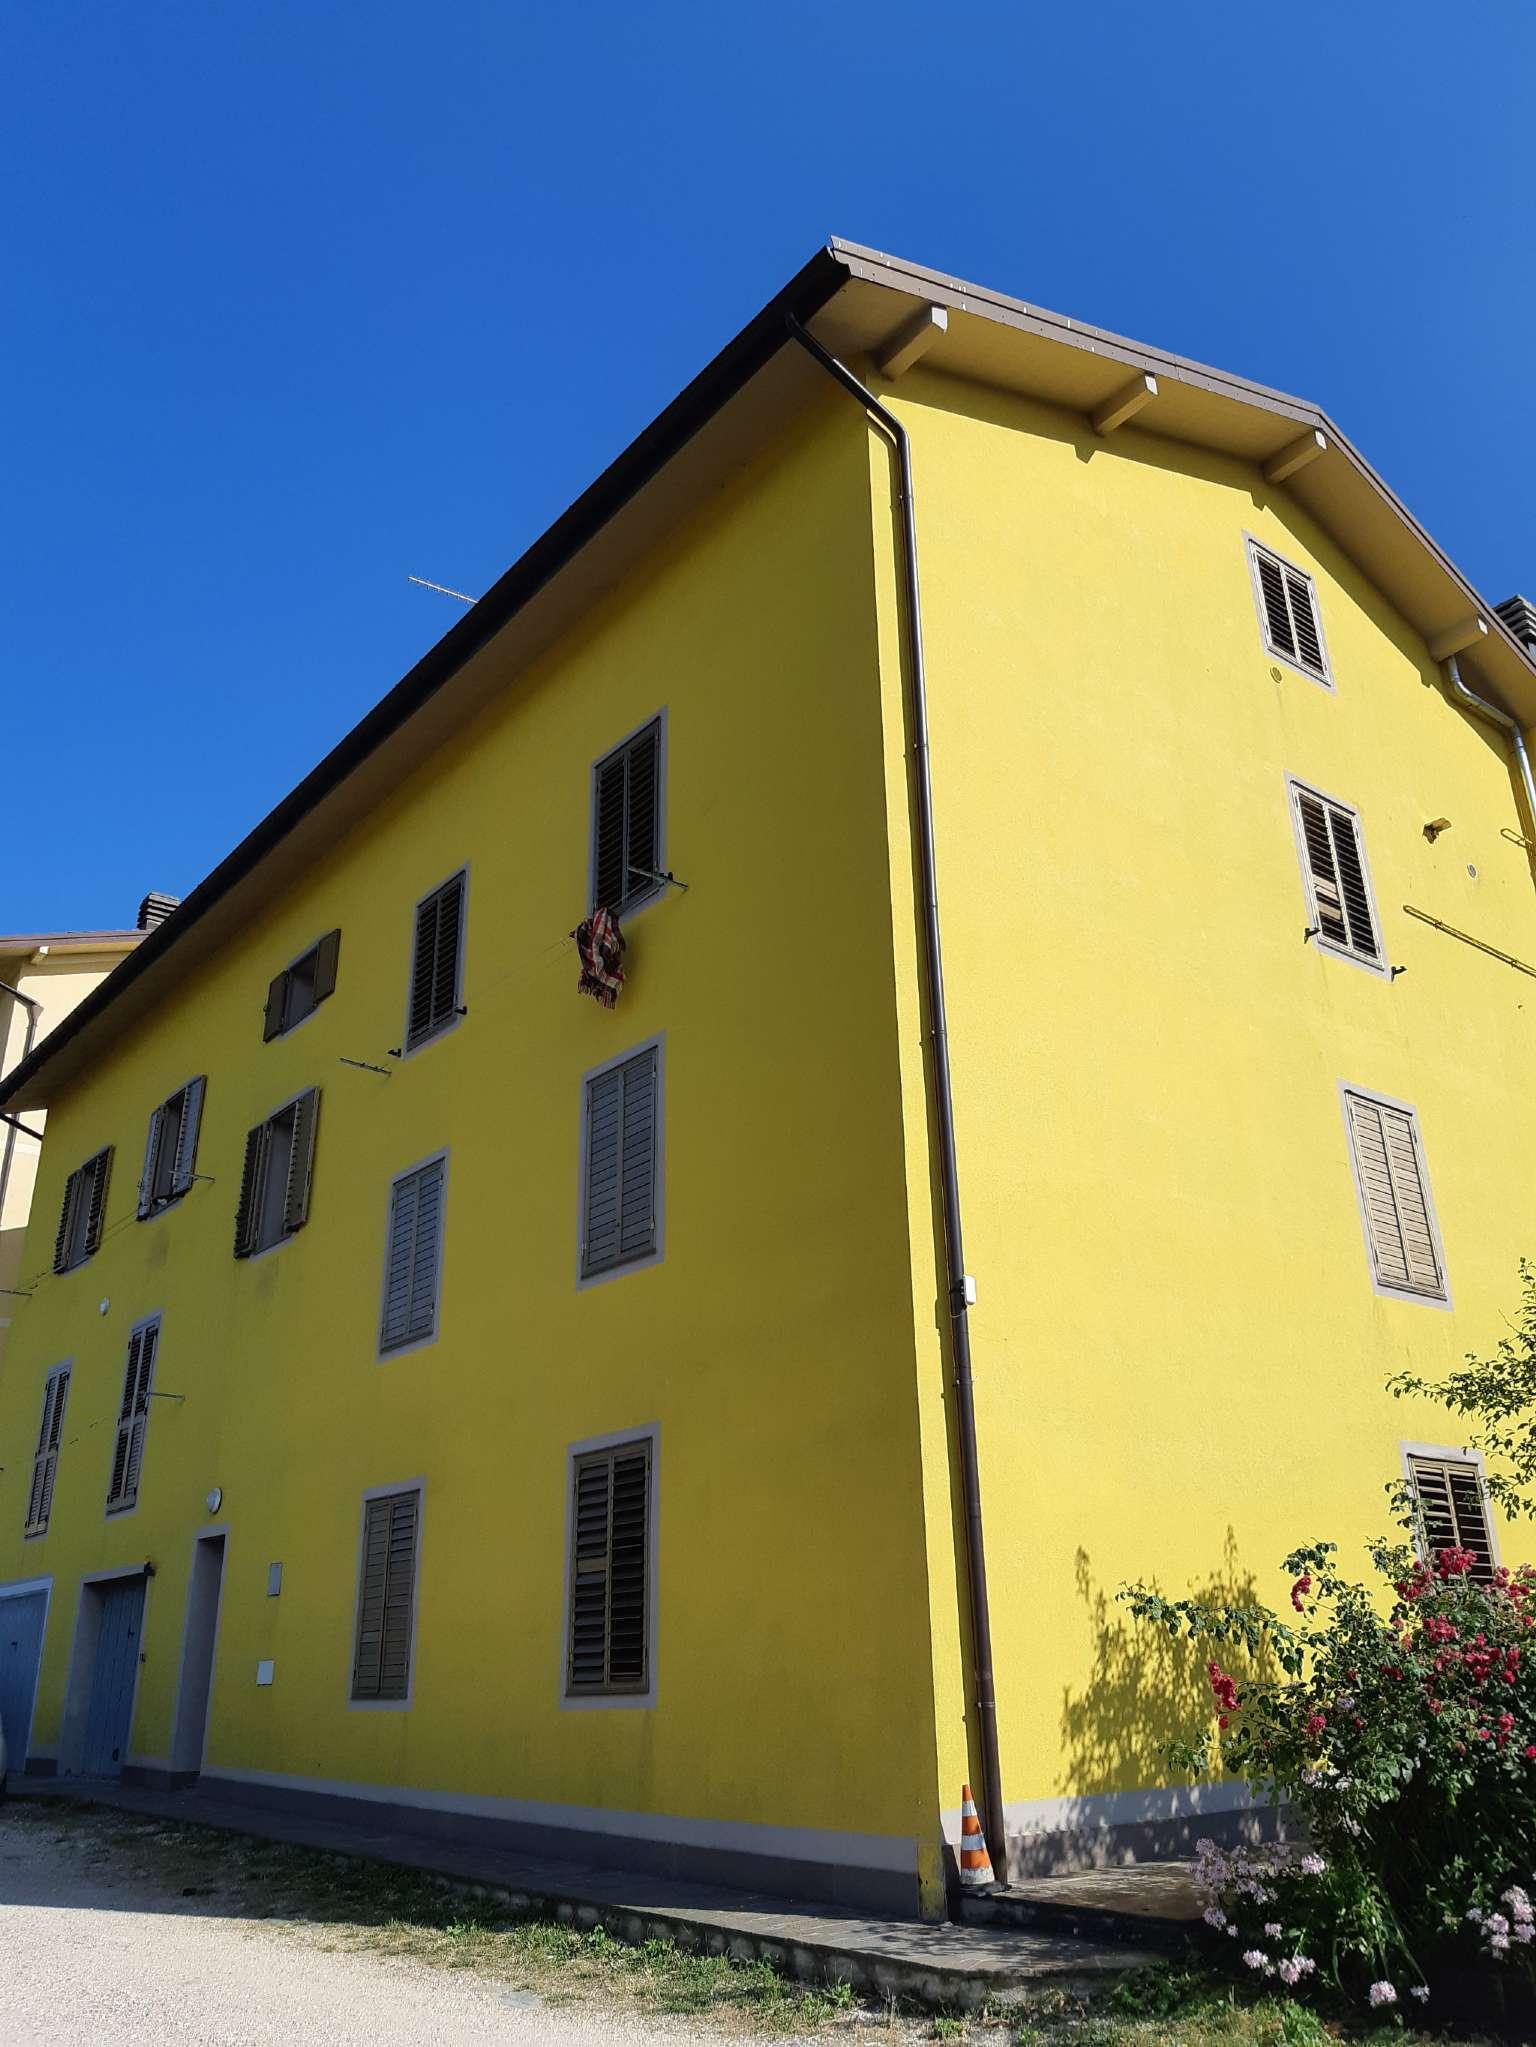 Attico / Mansarda in vendita a Castiglione dei Pepoli, 6 locali, prezzo € 75.000 | PortaleAgenzieImmobiliari.it